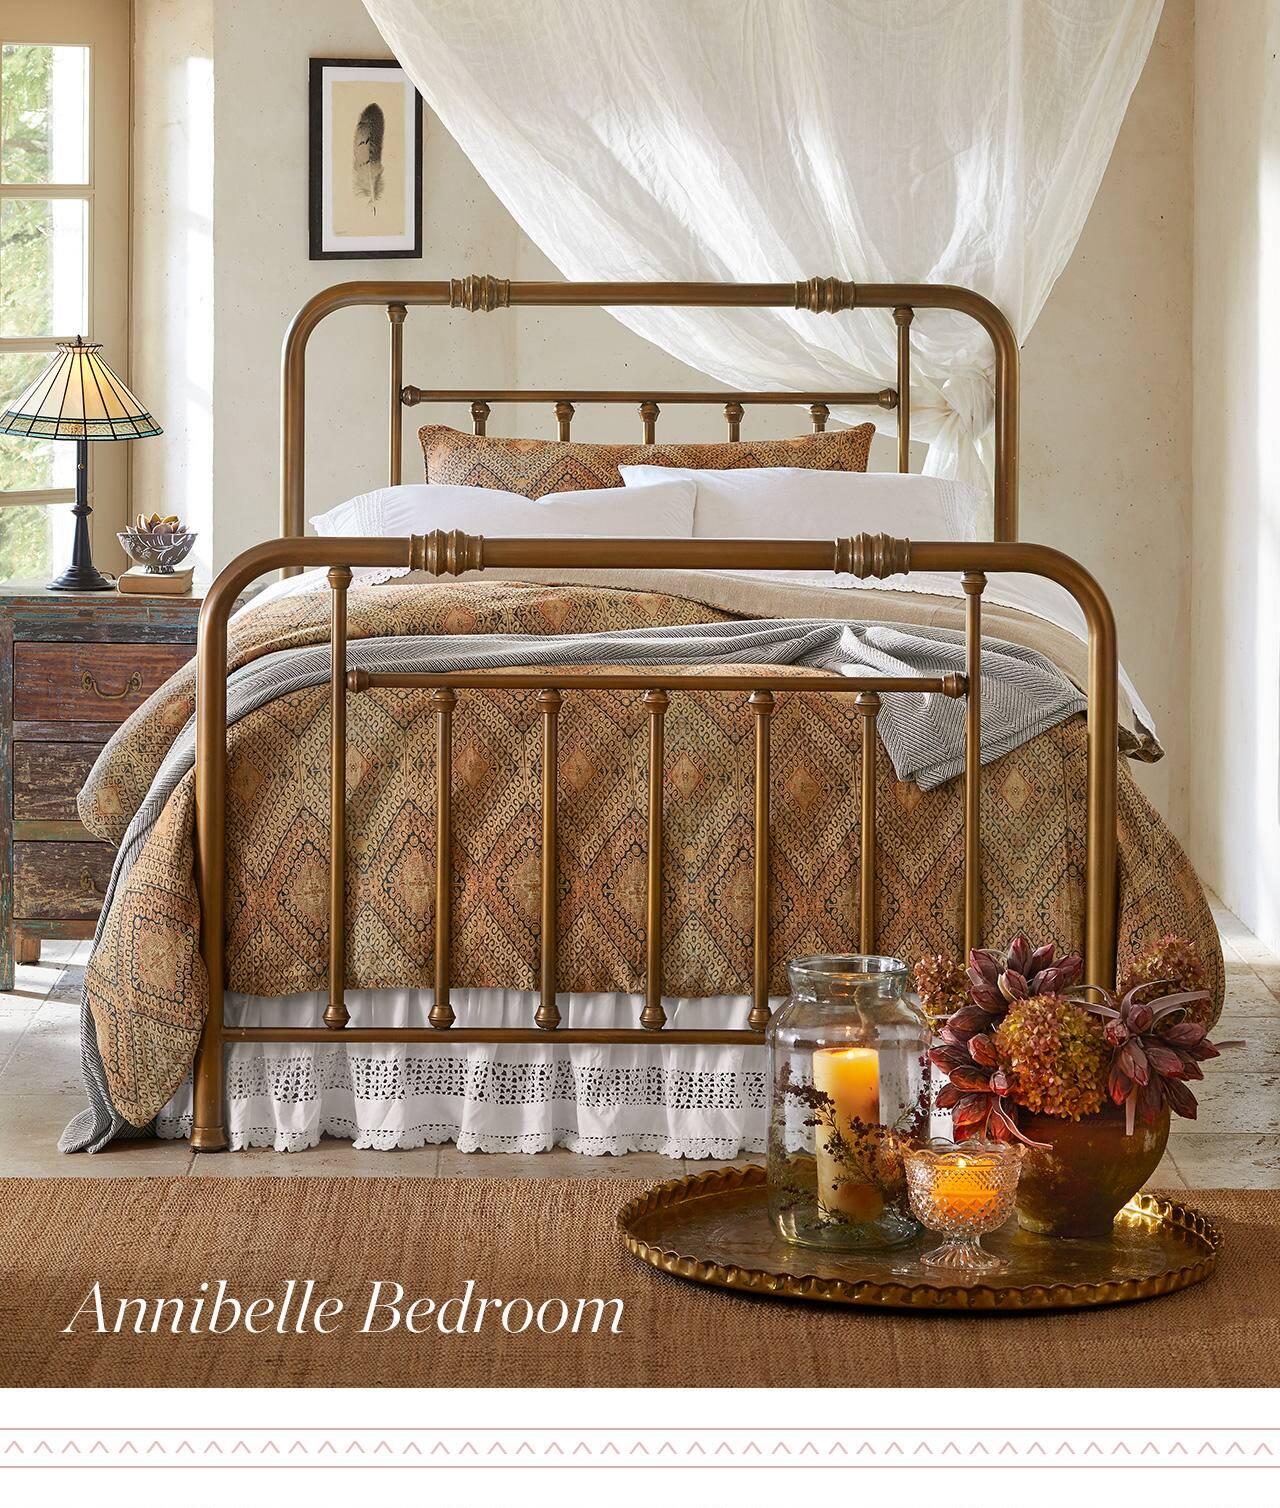 Annibelle Bedroom